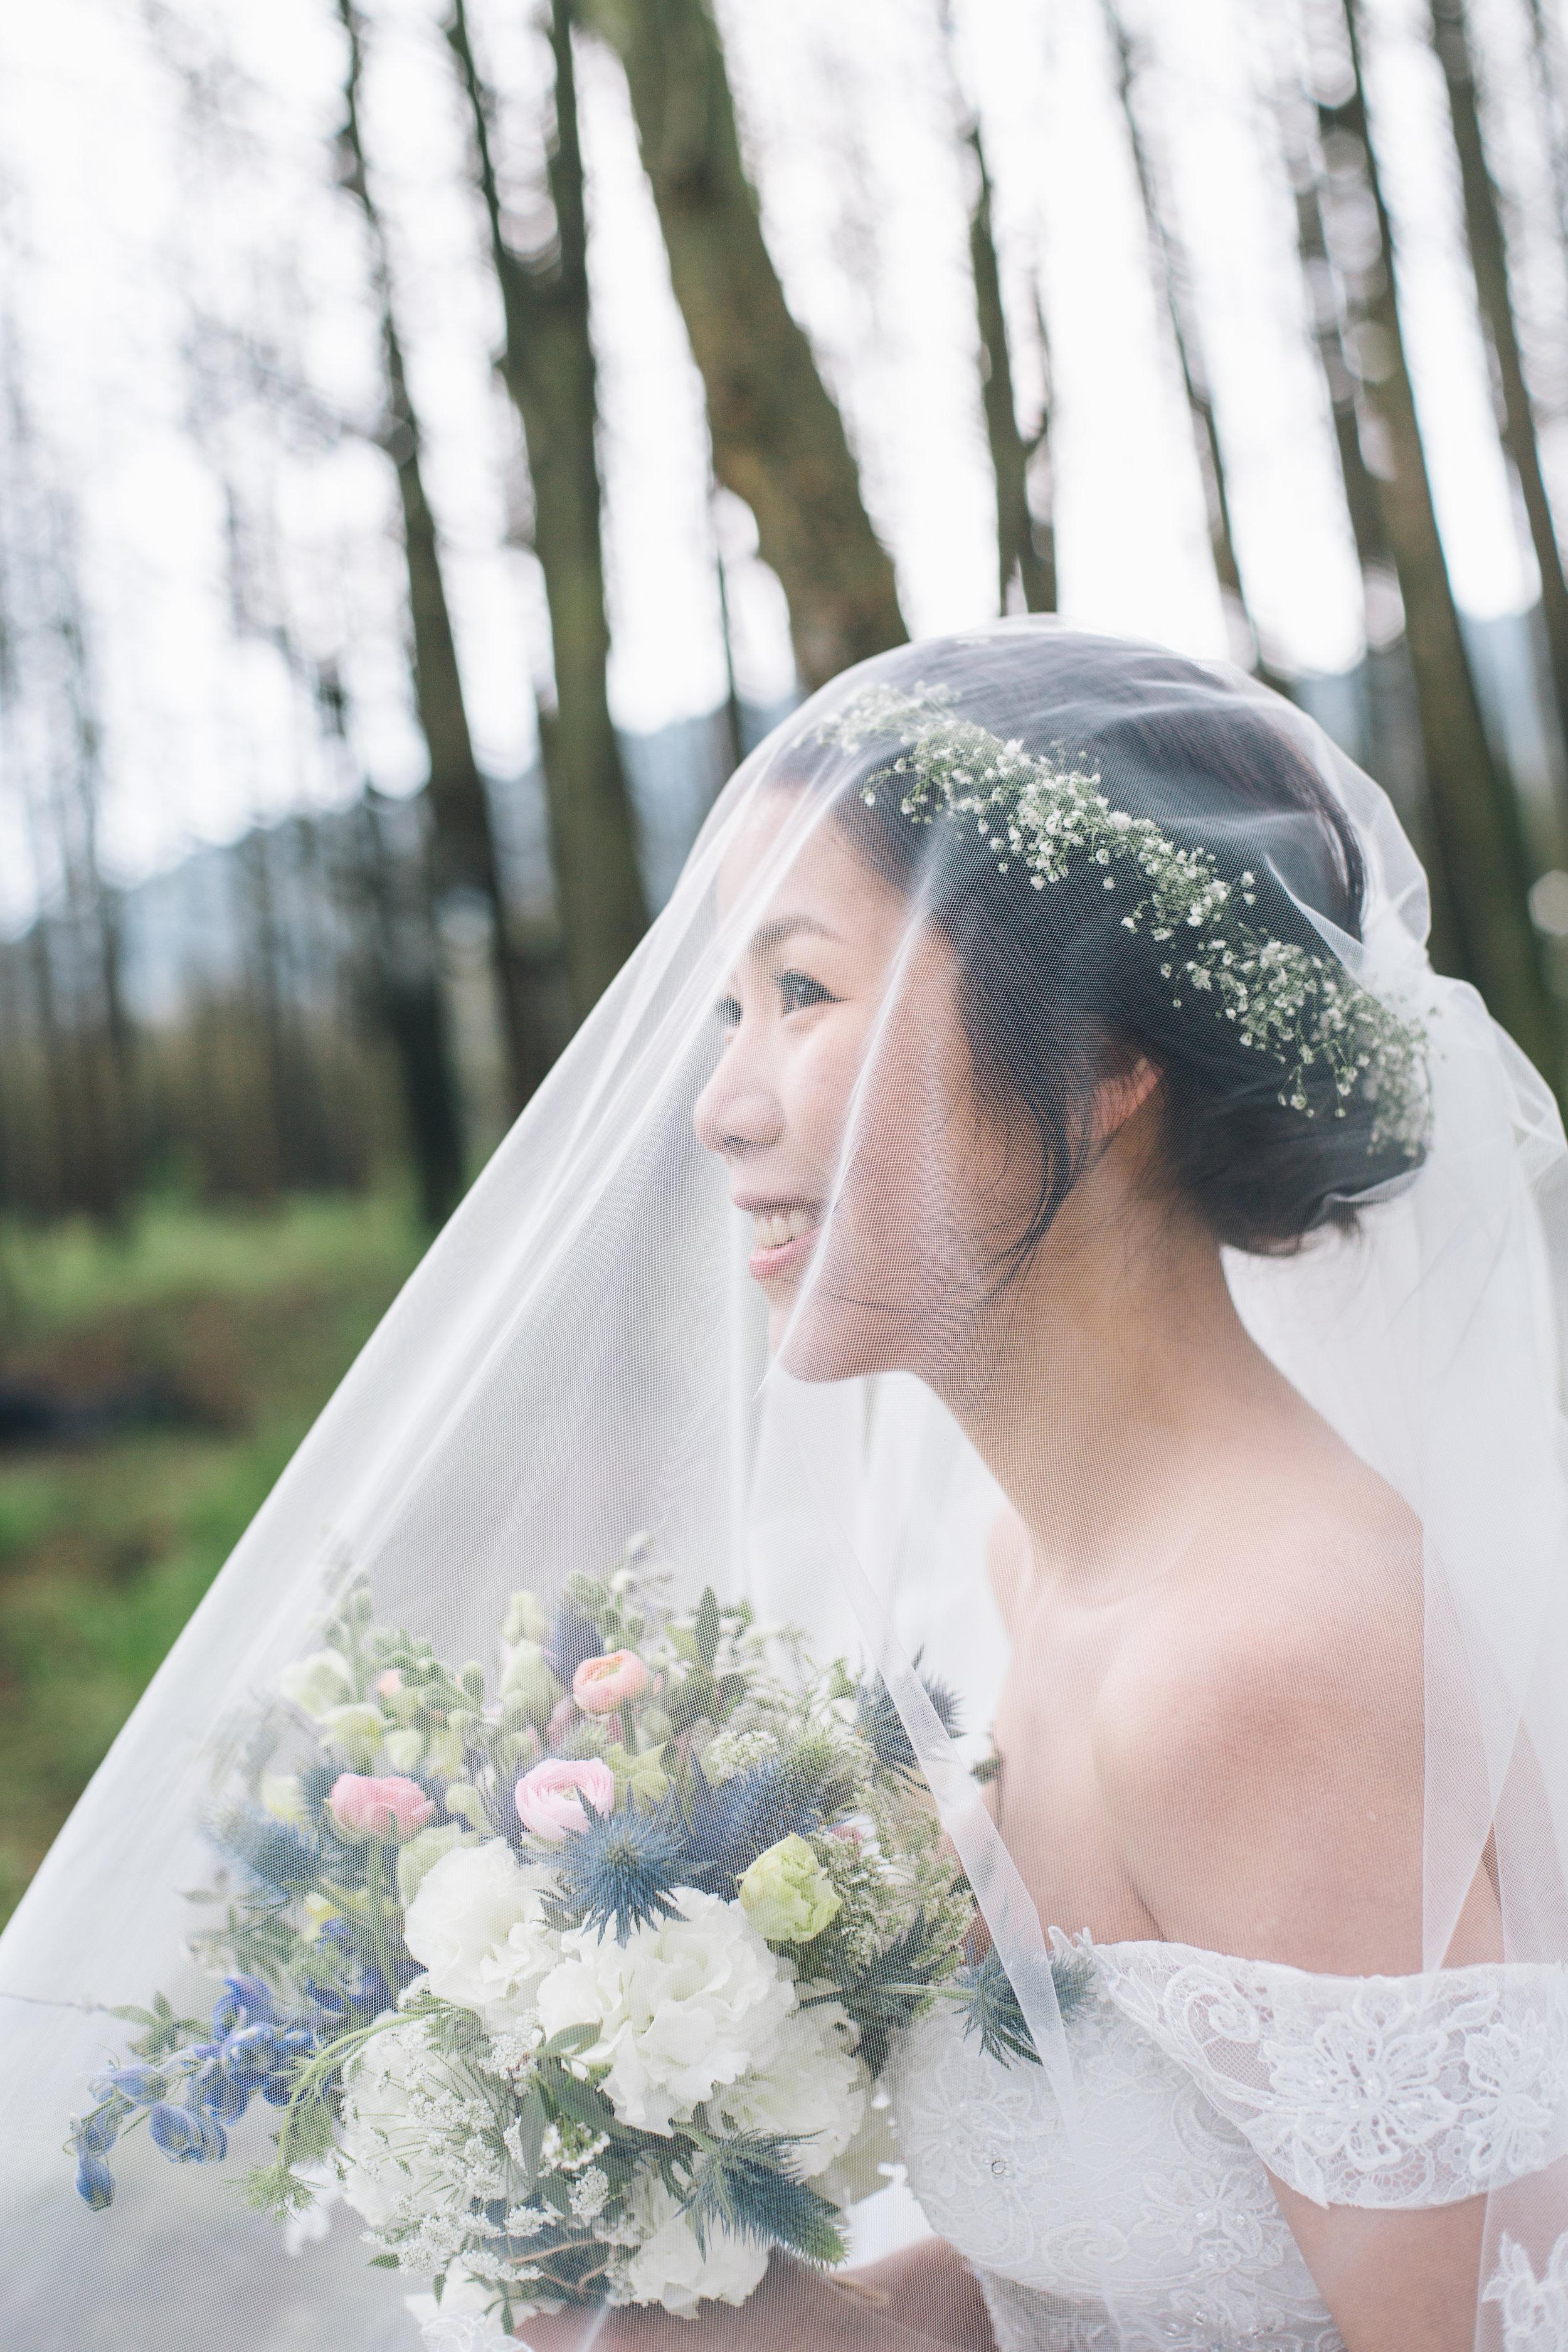 Wedding bouquet design -